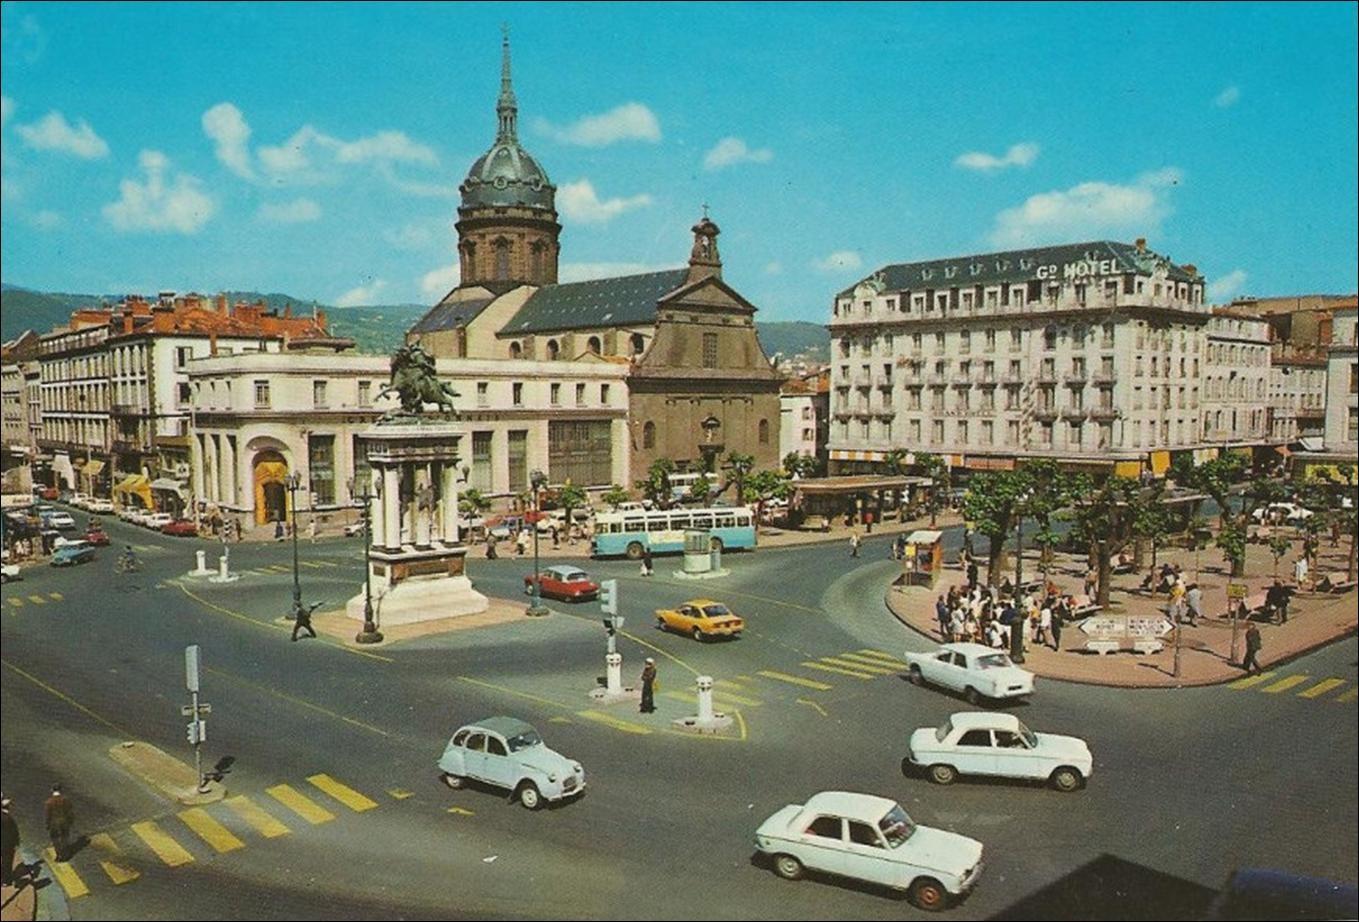 Clermont-Ferrand de 1880 à 1980 : qu'est-ce qui a changé ?